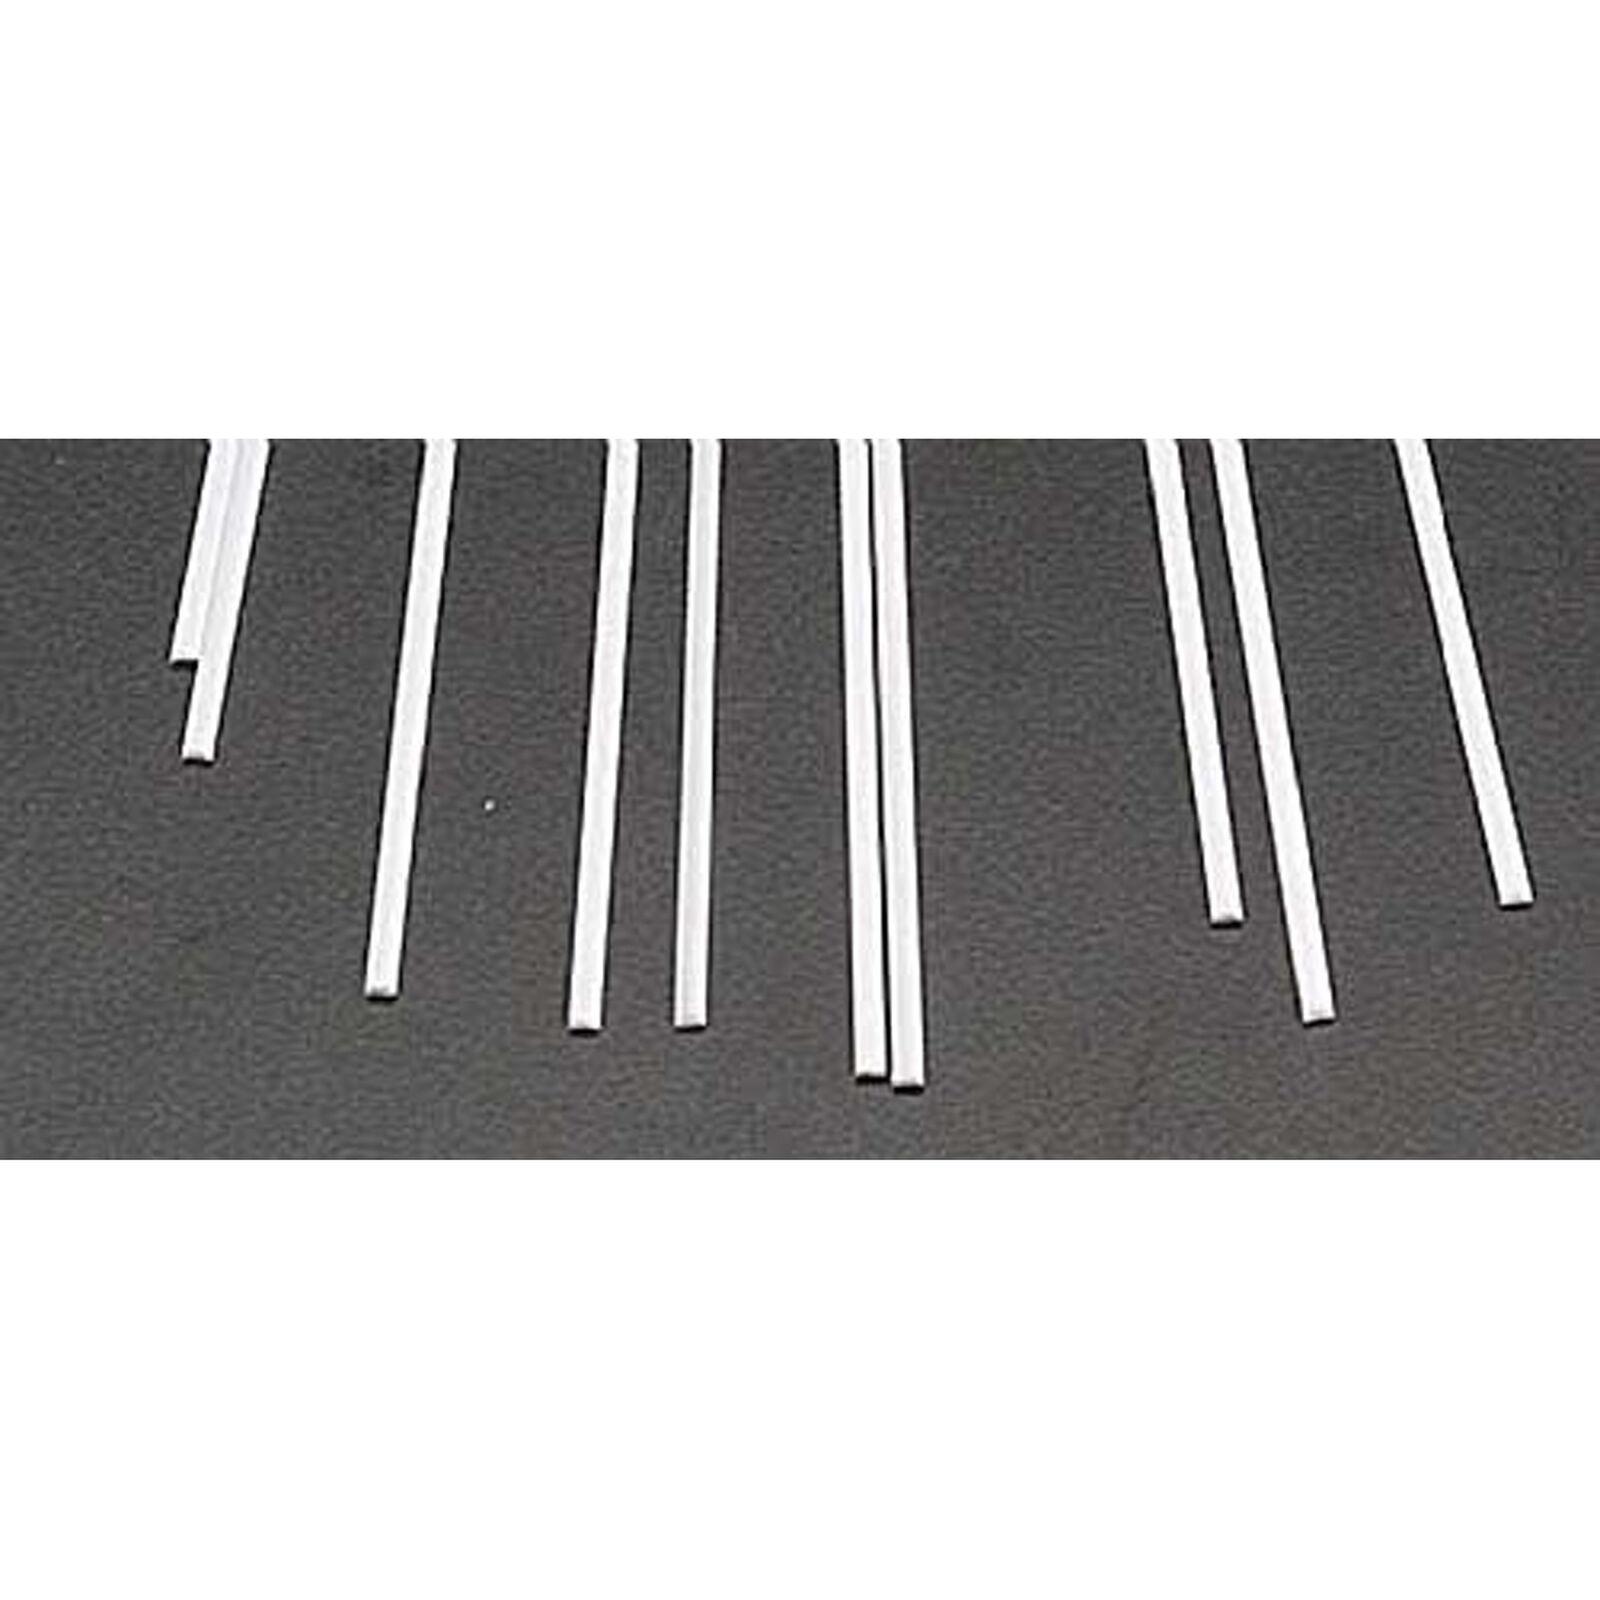 MS-306 Rect Strip,.030x.060 (10)